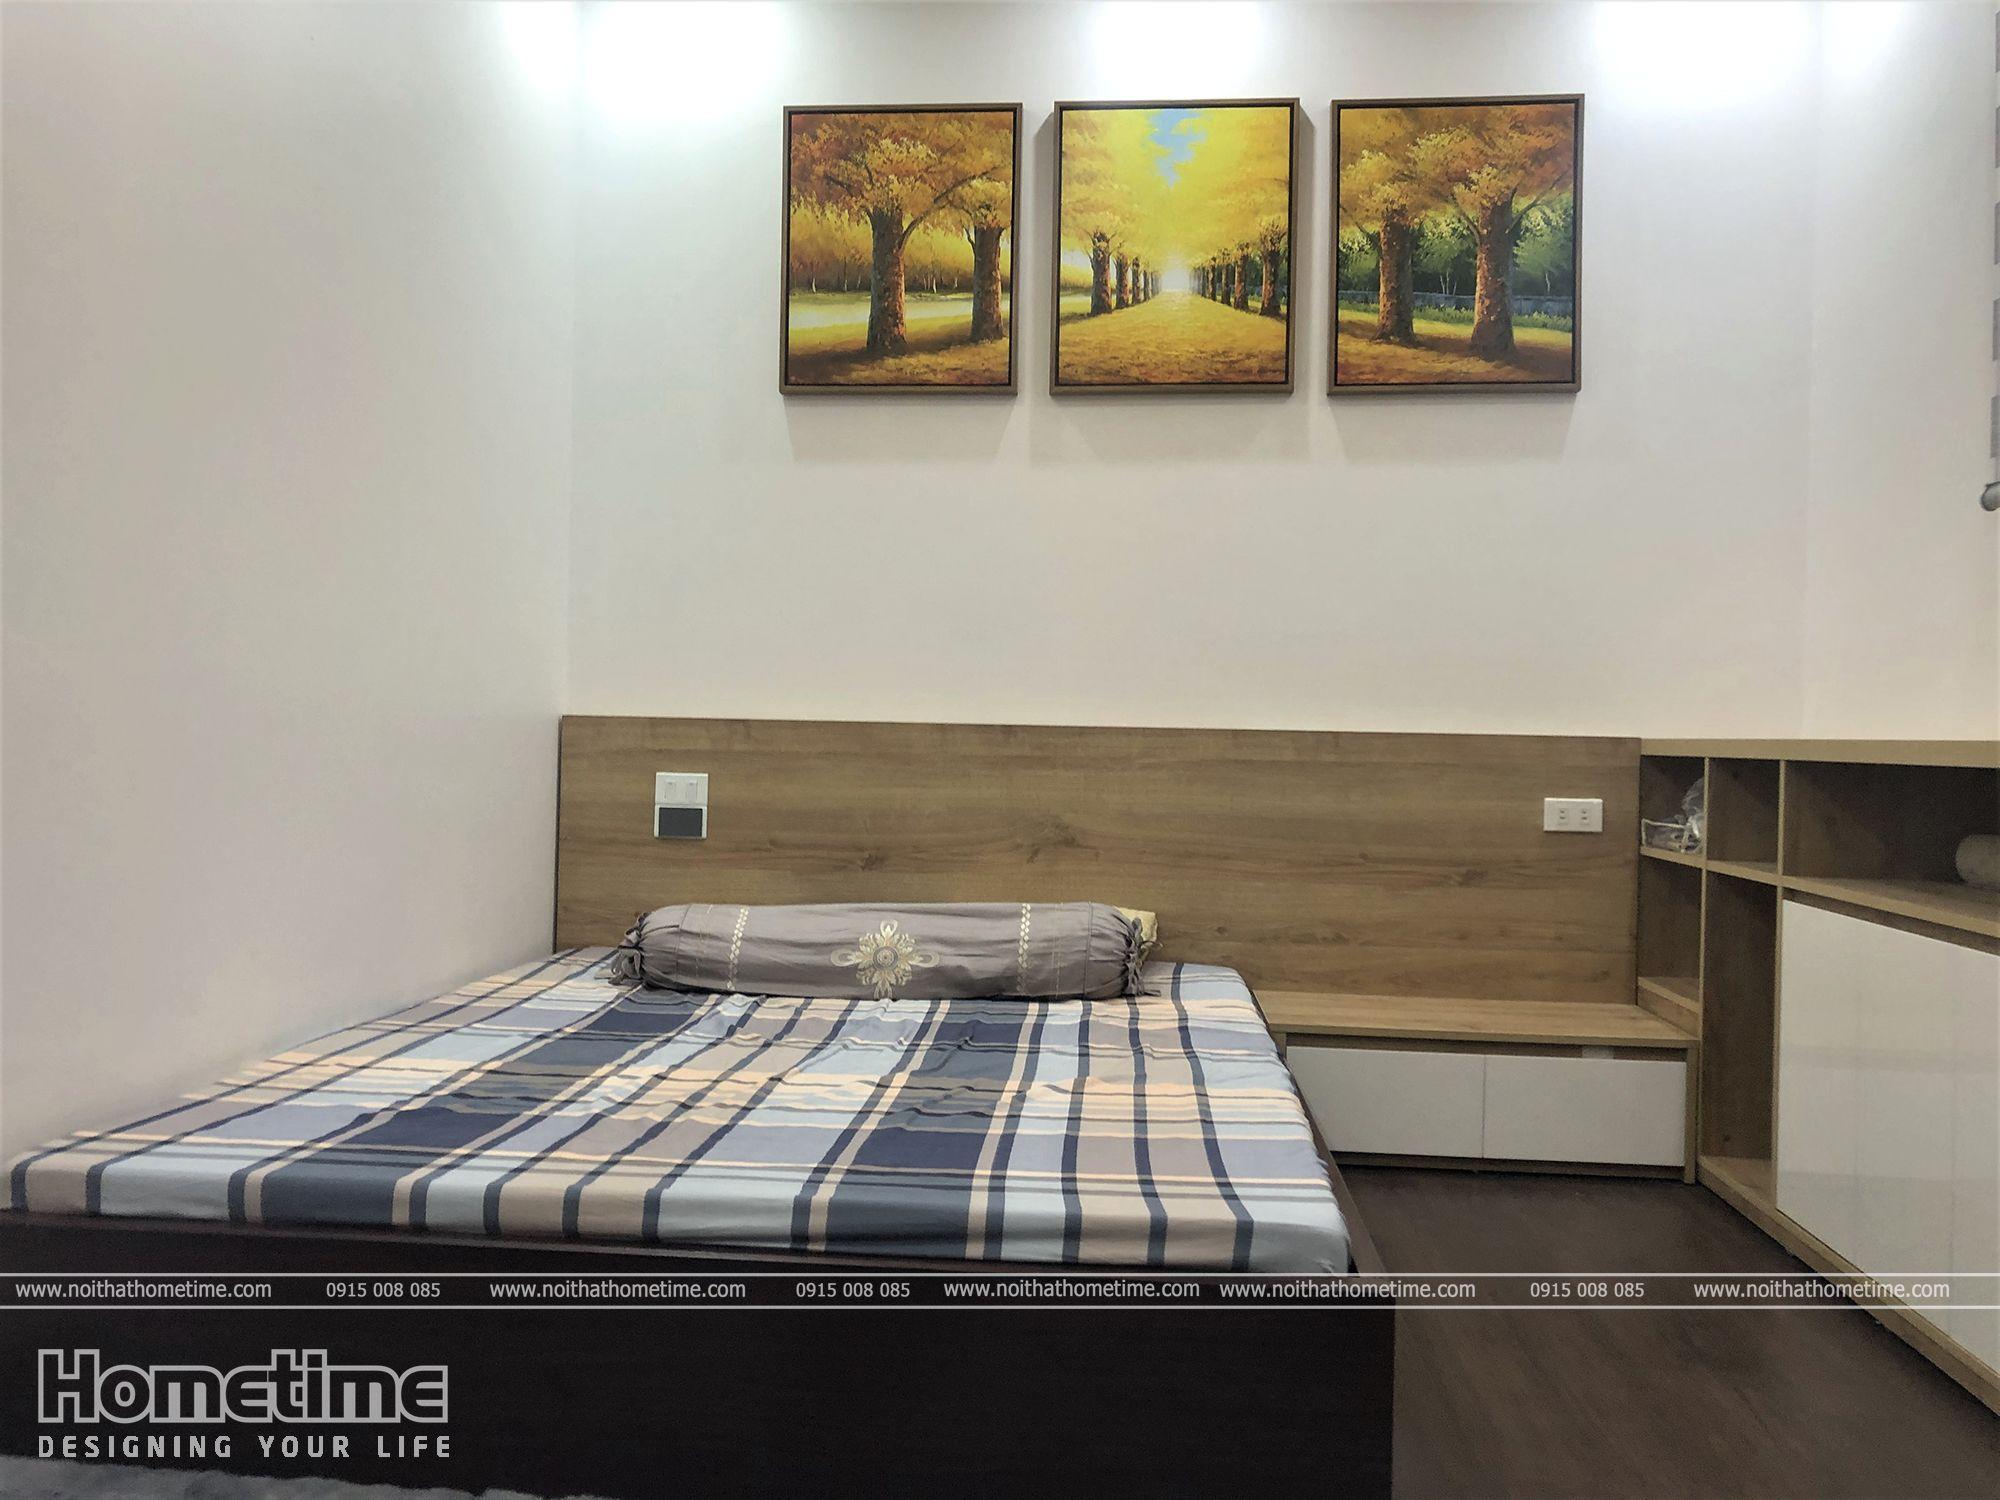 Giường ngủ gỗ MDF chống ẩm nhỏ gọn êm ái